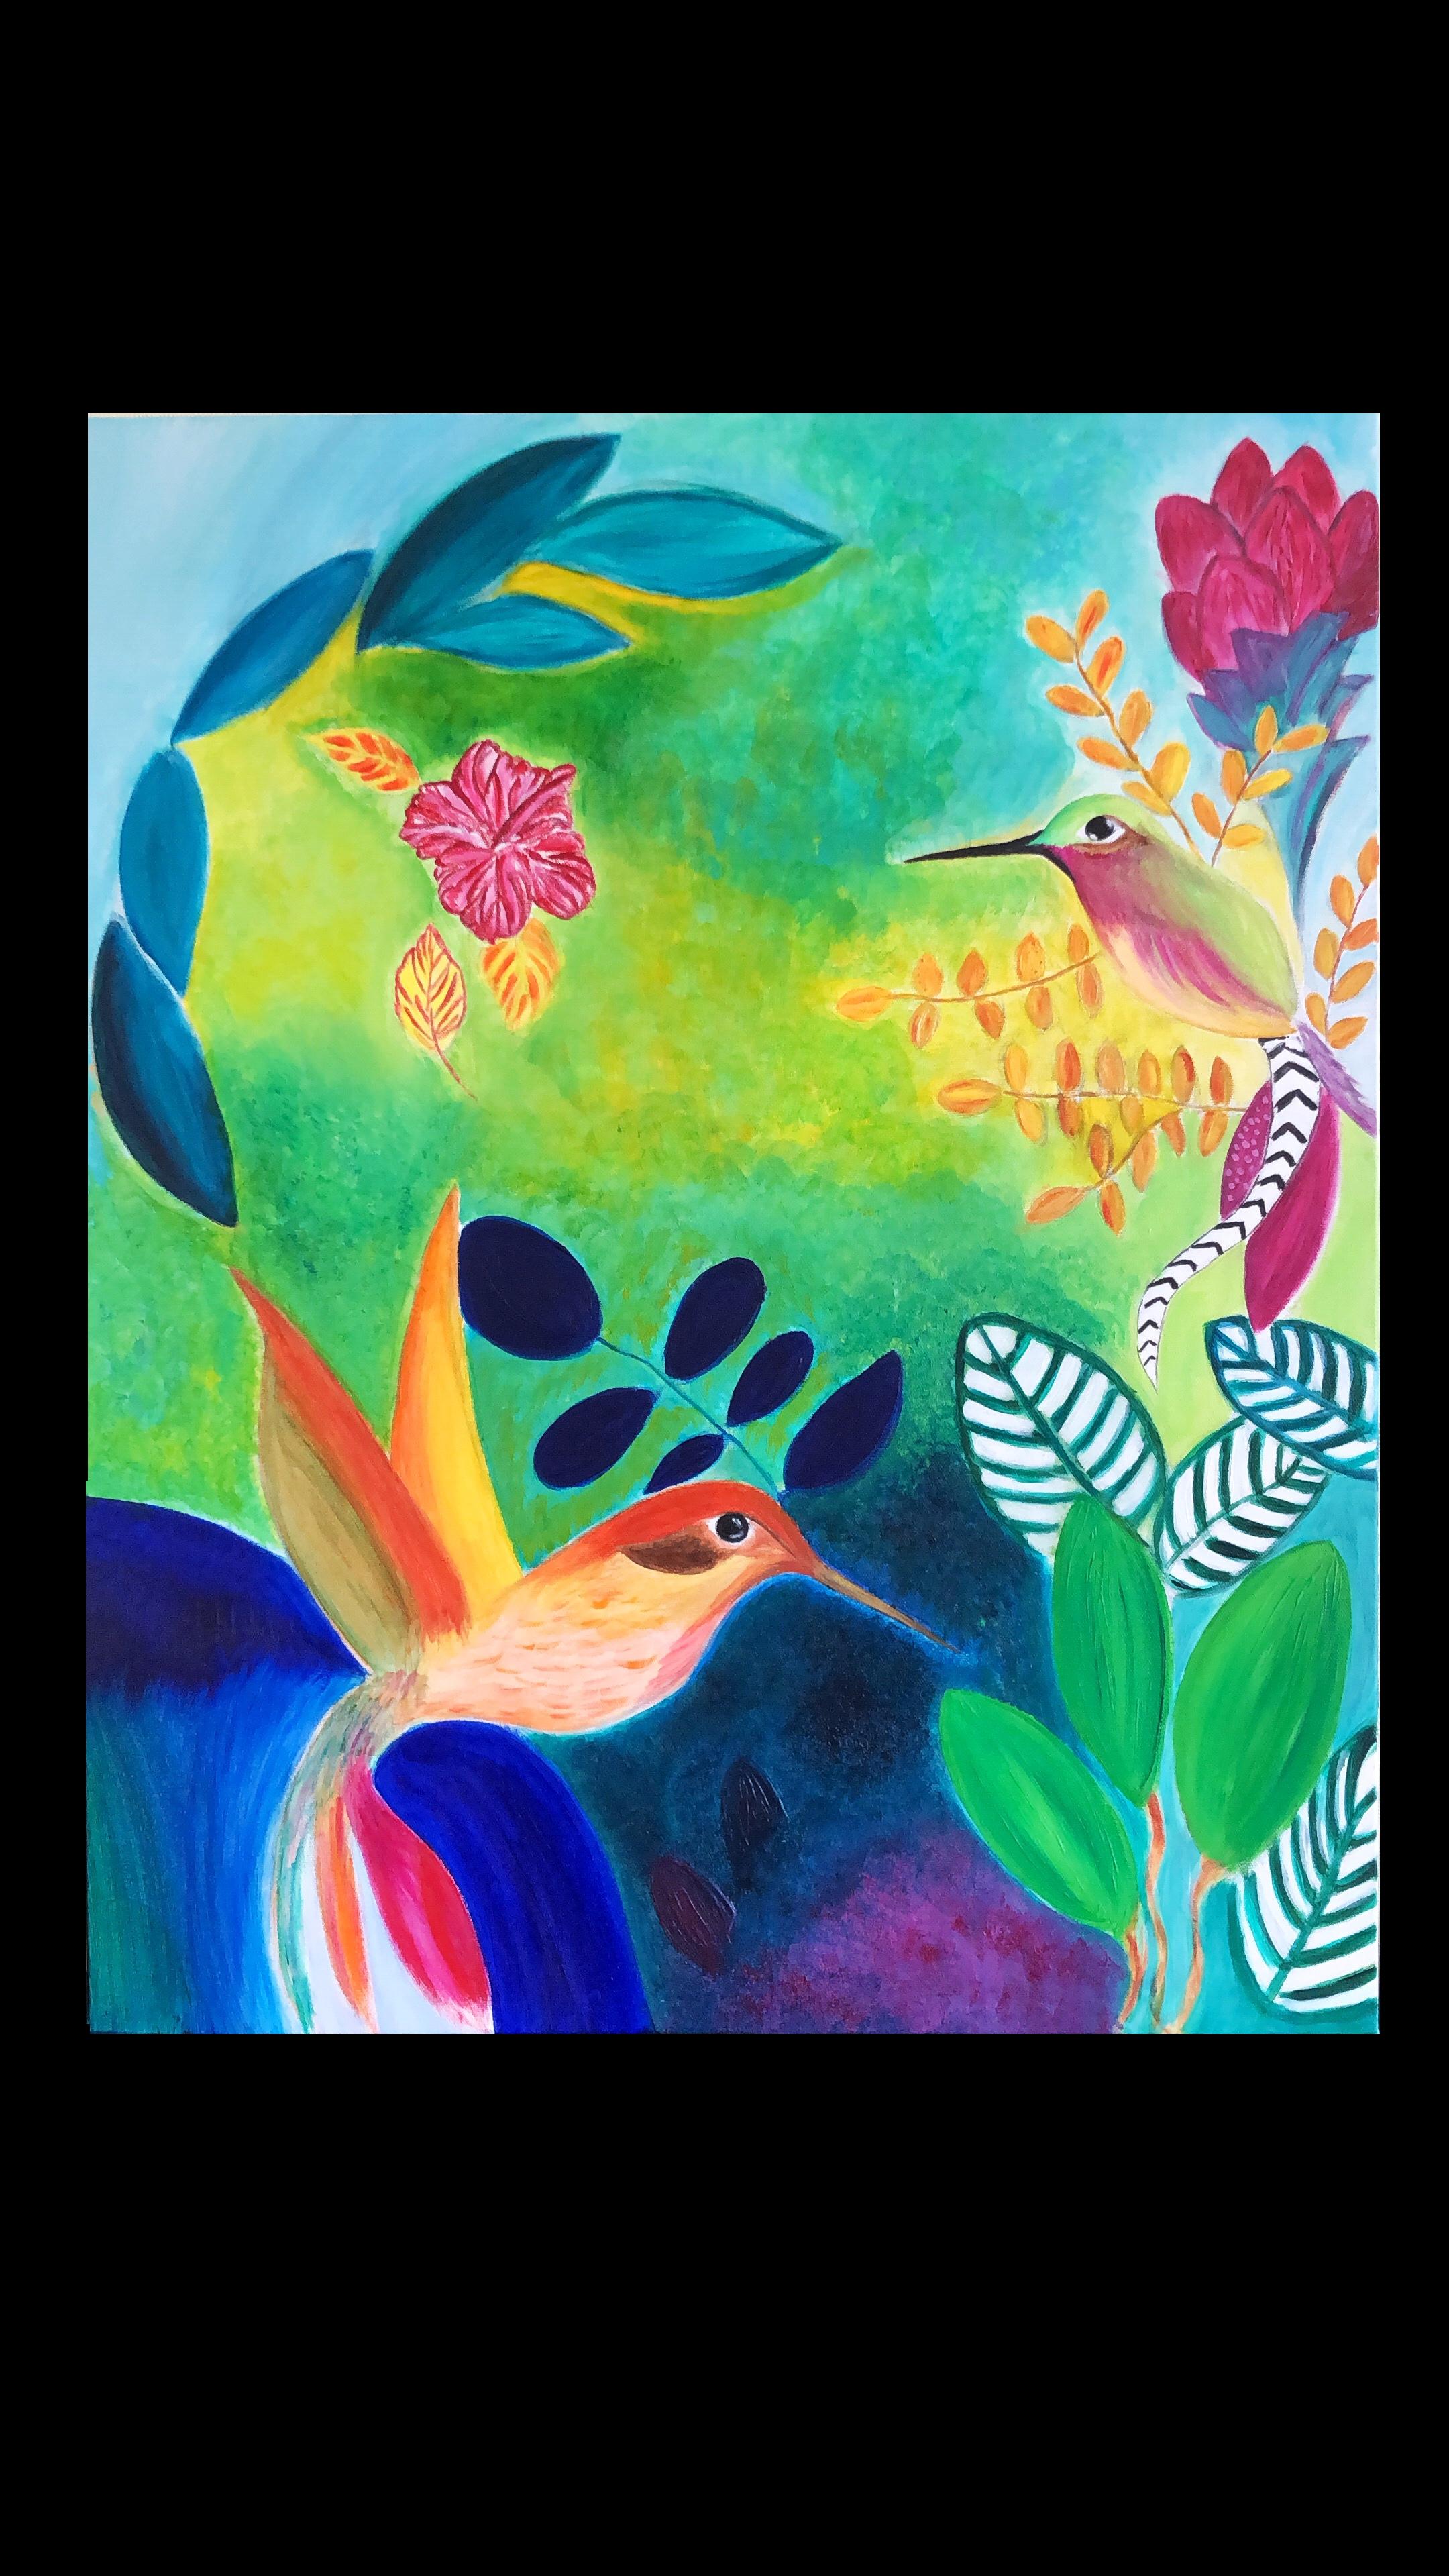 tabliers de cuisine pour femmes chef hommes Katrine magasin fleurs oiseaux et /éclaboussures de couleur dans la peinture /à laquarelle tablier /à bavette r/églable avec 2 poches